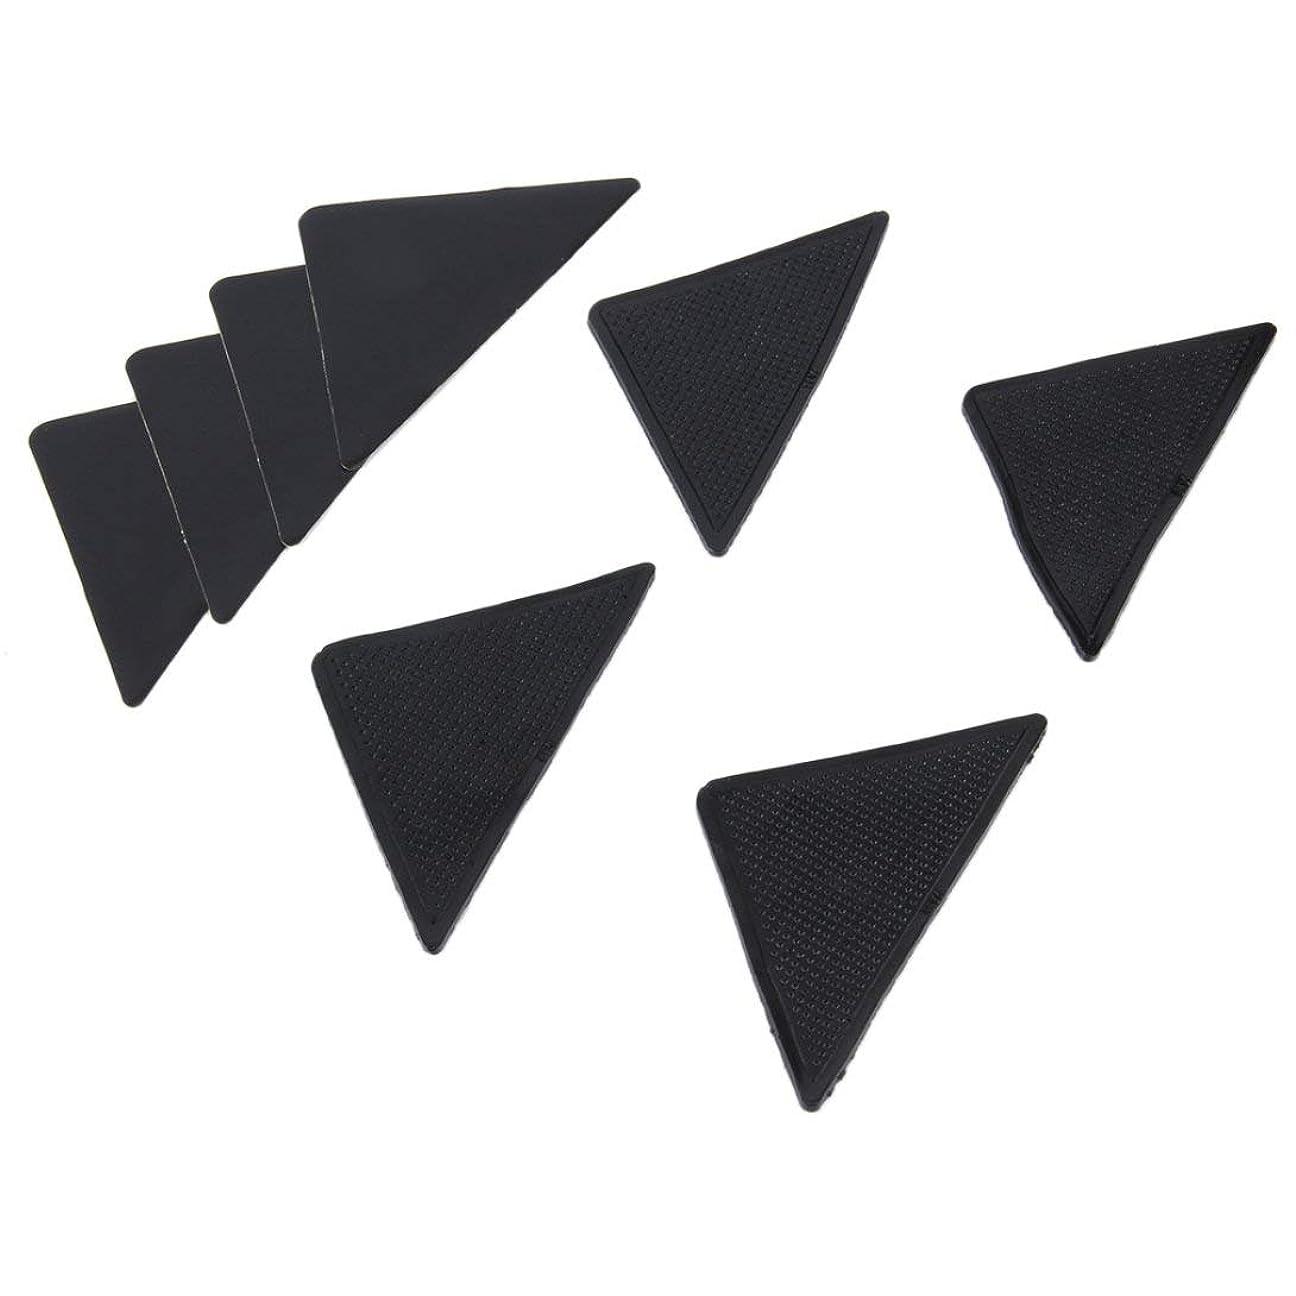 予定おとこ武装解除Swiftgood 4個の敷物のカーペットのマットのグリッパーの非スリップの反スキッドの再使用可能なシリコーンのグリップパッド